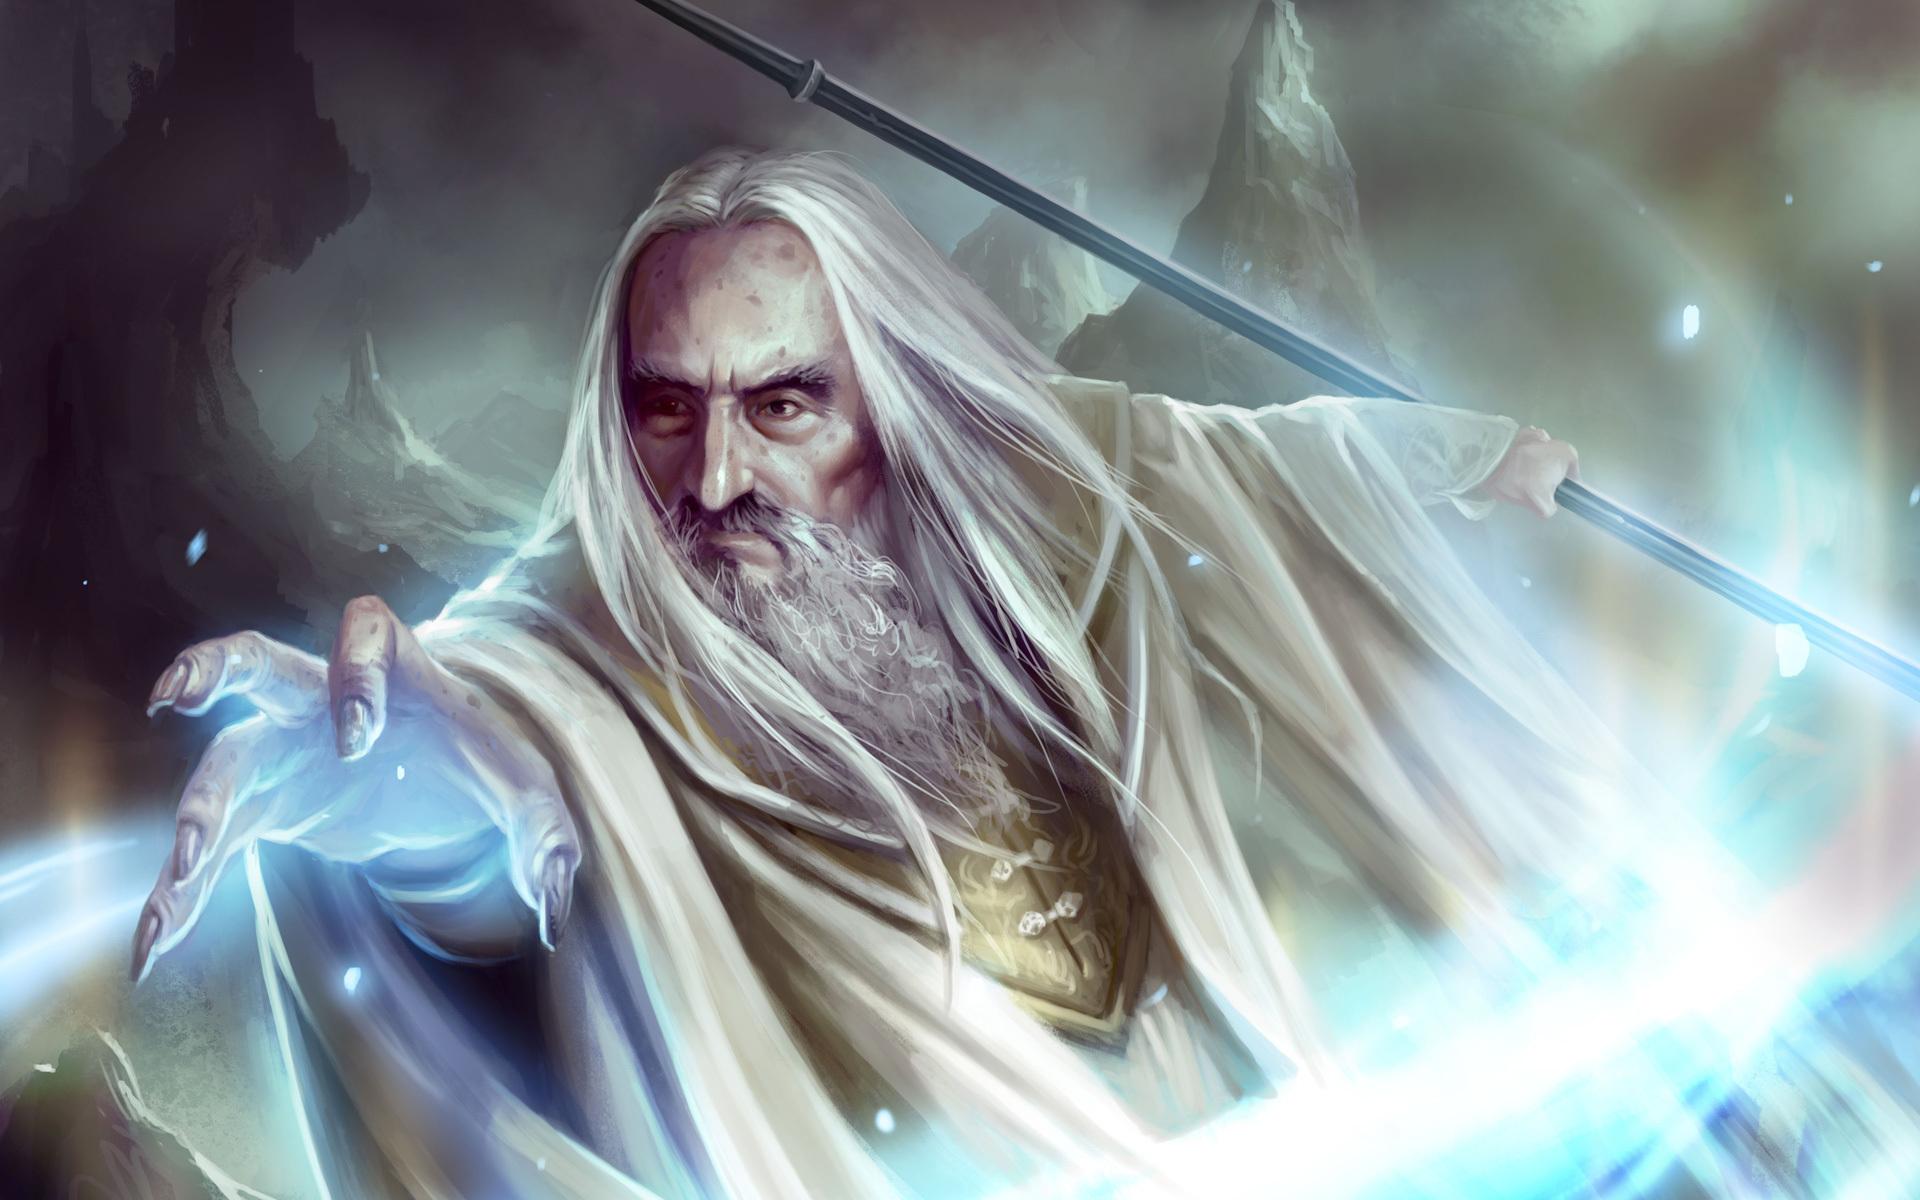 Fotos von Der Herr der Ringe Magie Saruman Fantasy Film 1920x1200